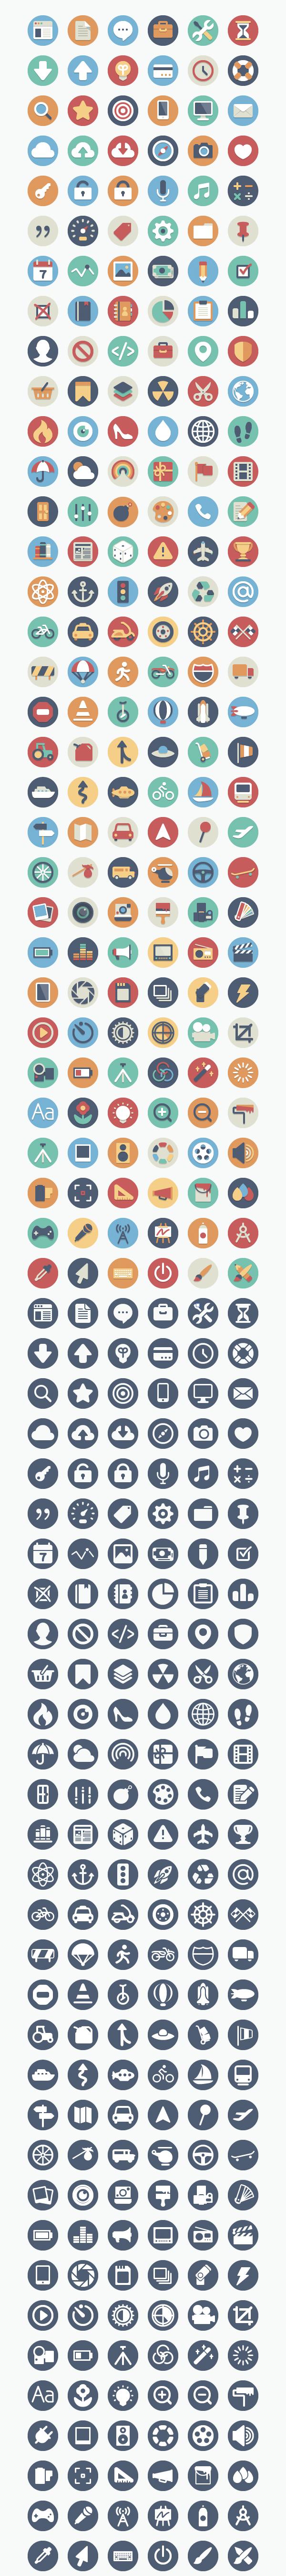 Des1gnon_flat_icones_design_free_download